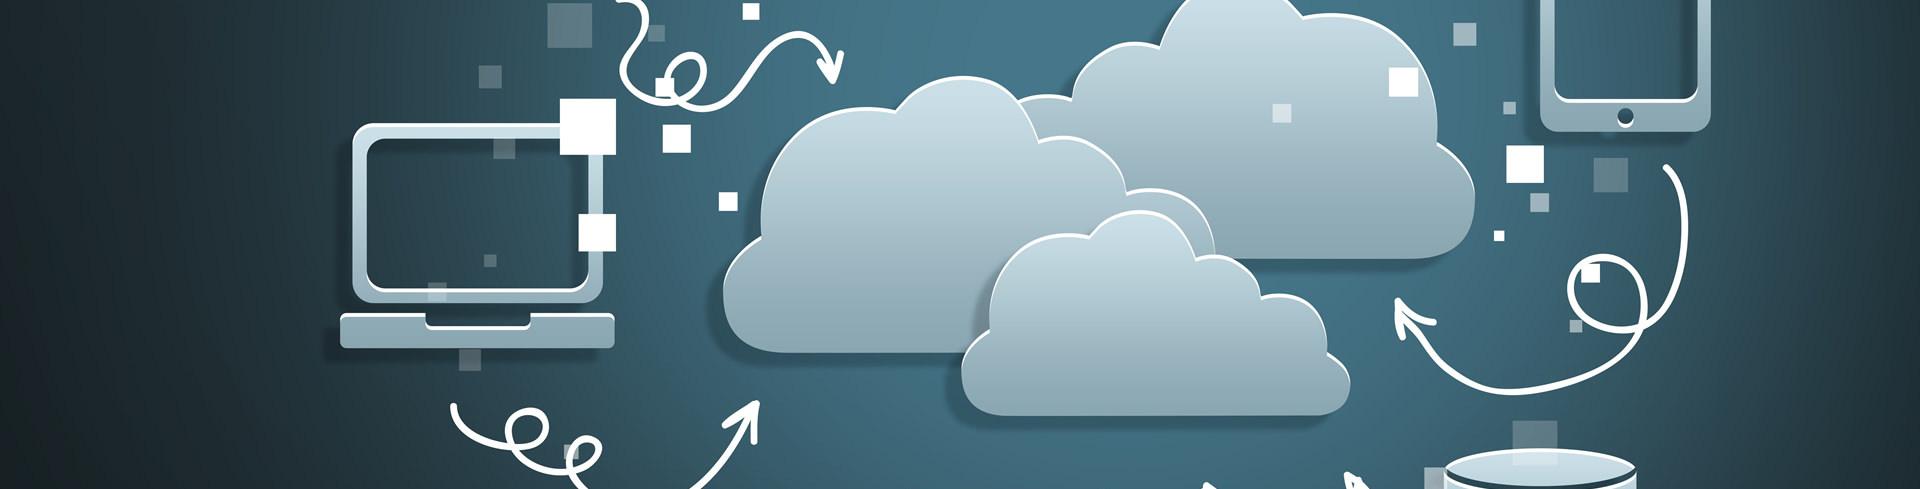 Cloud Loesungen Vocom ITK GmbH